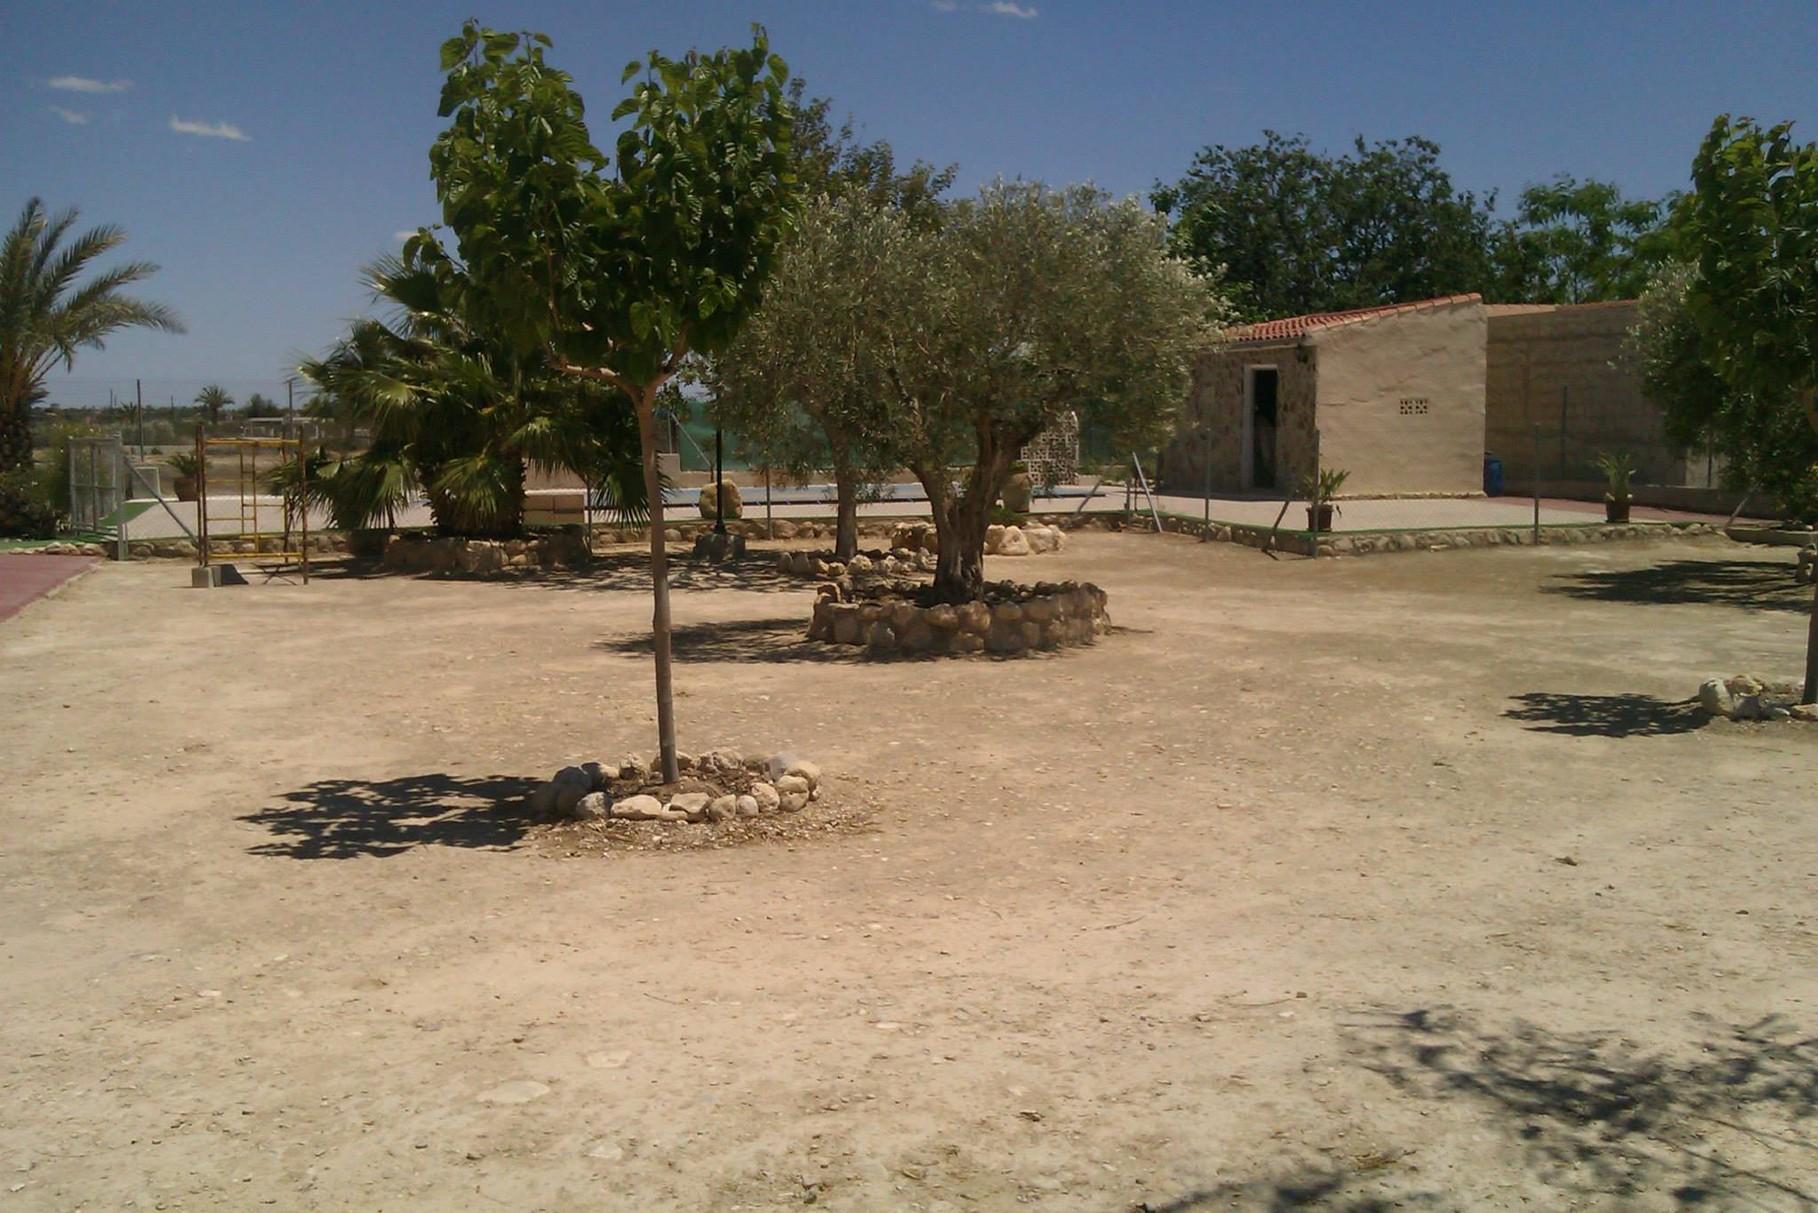 Gartenansicht - mediterrane Bäume. Palmen- und Kakteeninseln